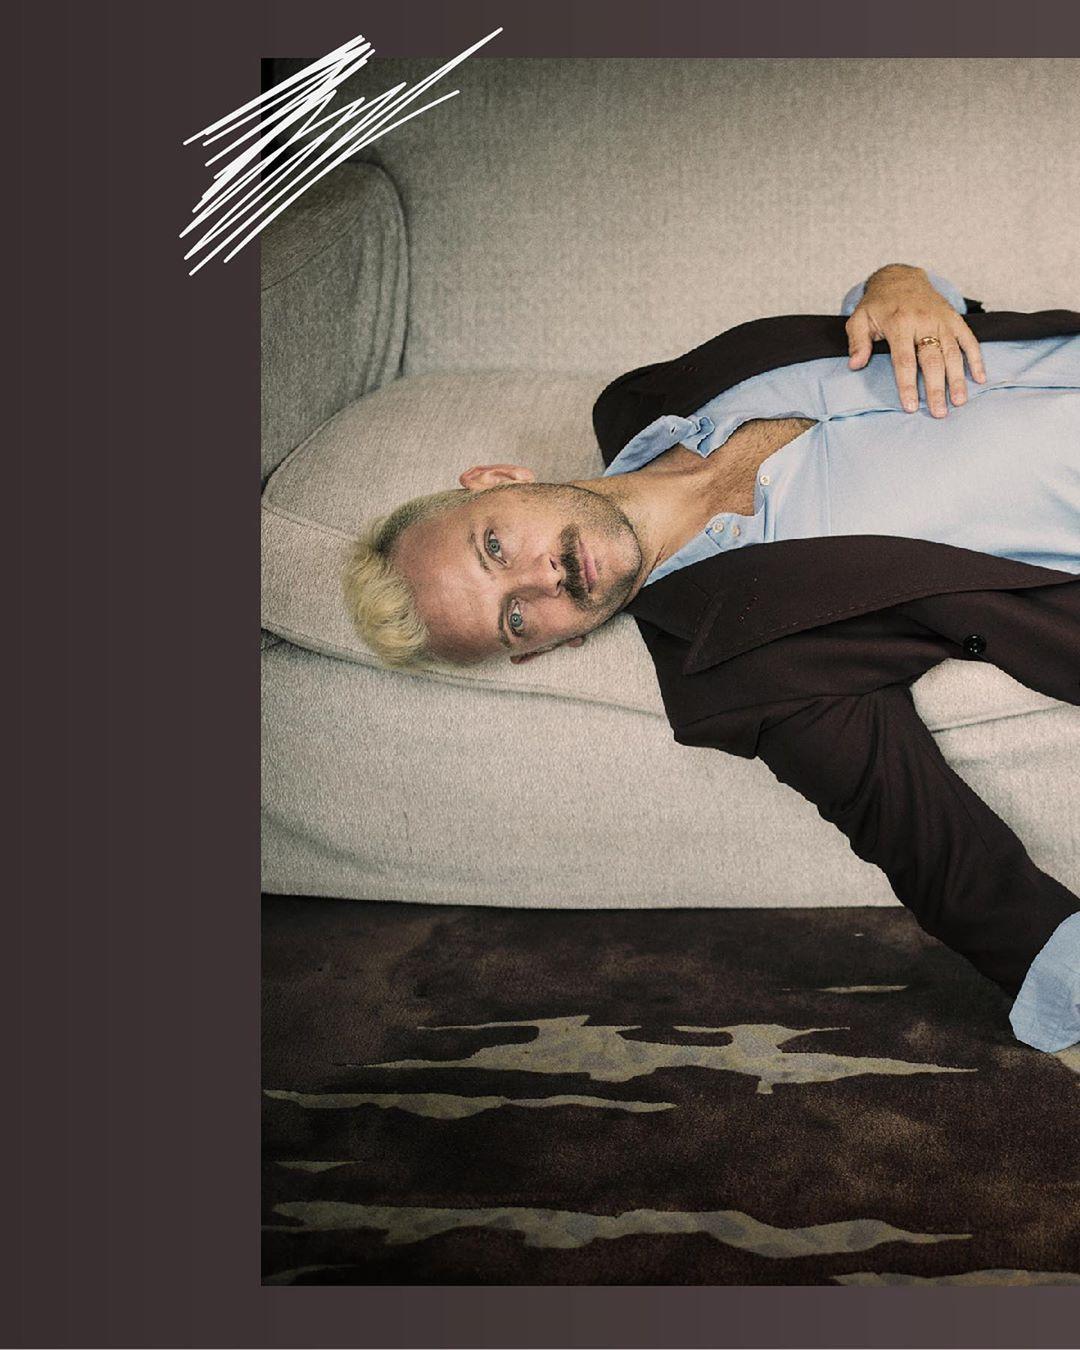 Alessandro Borghi for ICON Magazine #Alessandro Borghi#ICON Magazine#Photoshoot